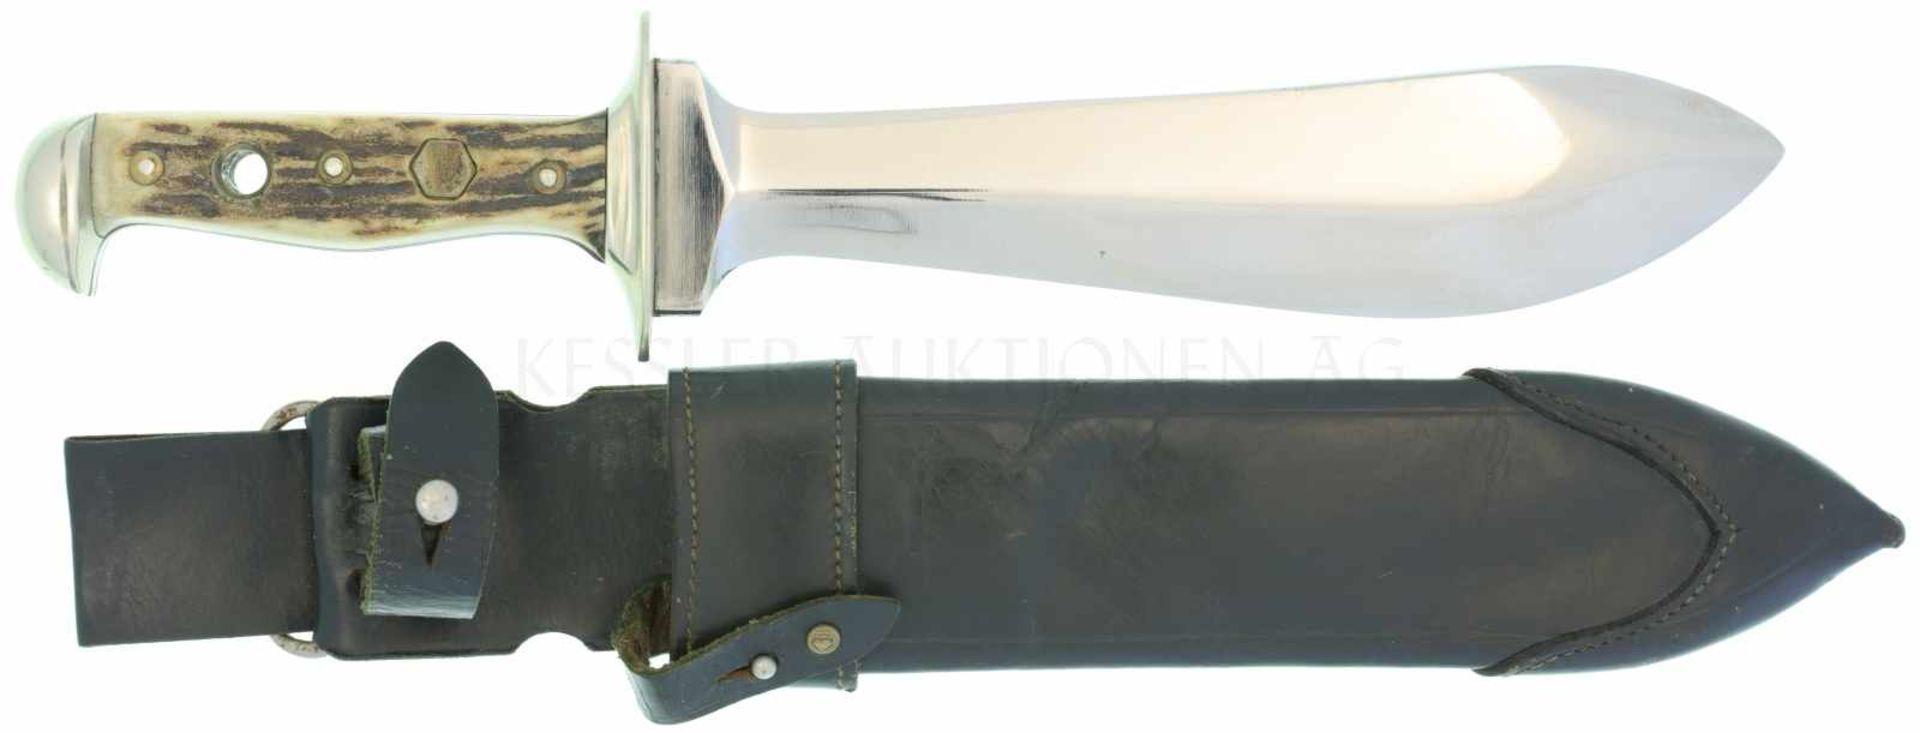 Los 3 - Puma Waidblatt KL 213mm, TL 328mm, schwere Klinge, volle Wurzel, Parierstange und Knauf aus